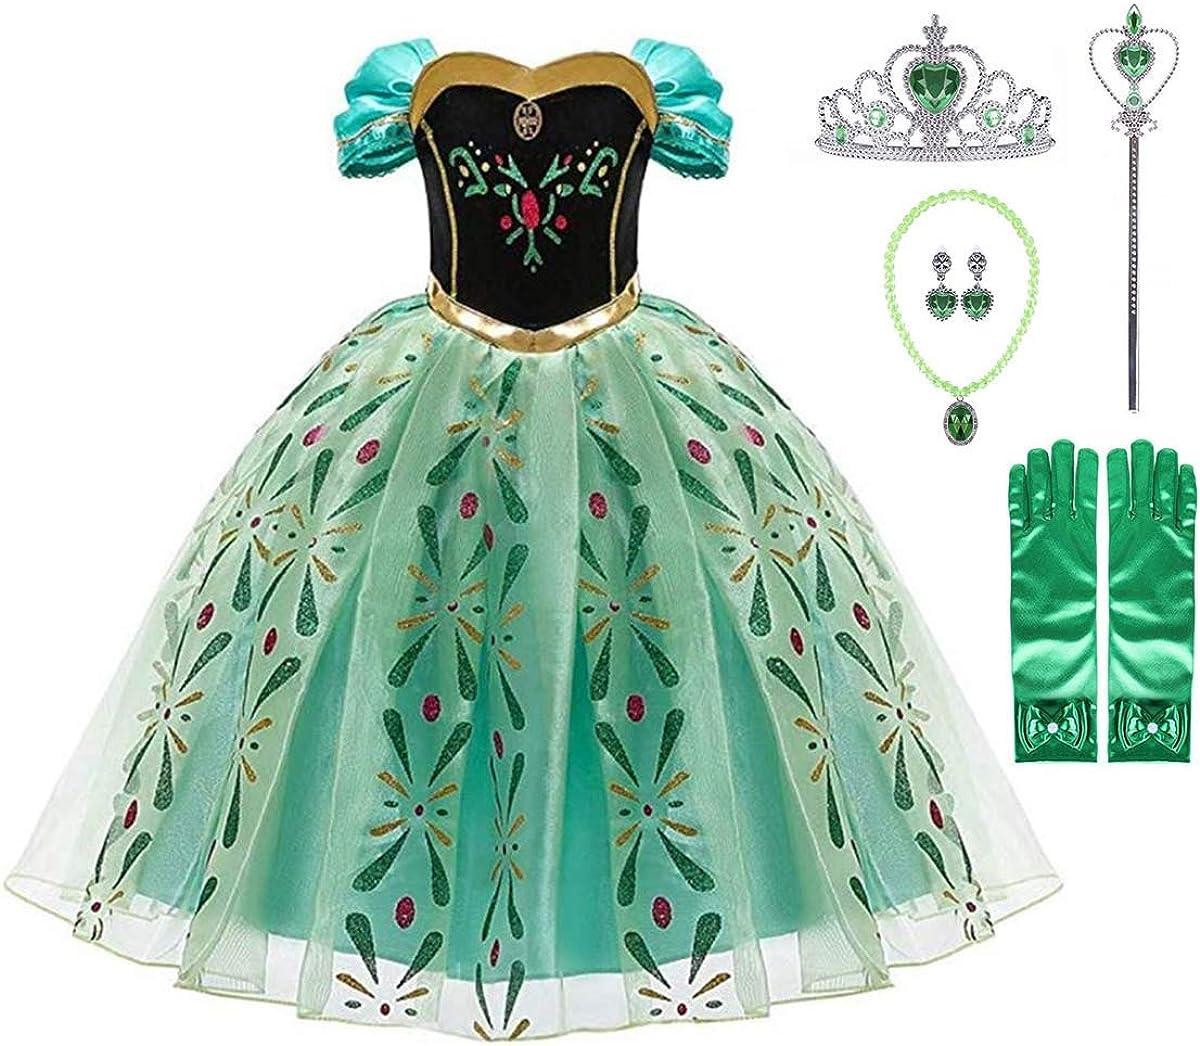 Kosplay Princesa Disfraz Traje Parte Las Niñas Vestido/Capa Disfraces y Accesorios para Niñas, para Carnaval Cosplay Navidad Fiesta - Regalos para Niños 3-9 años